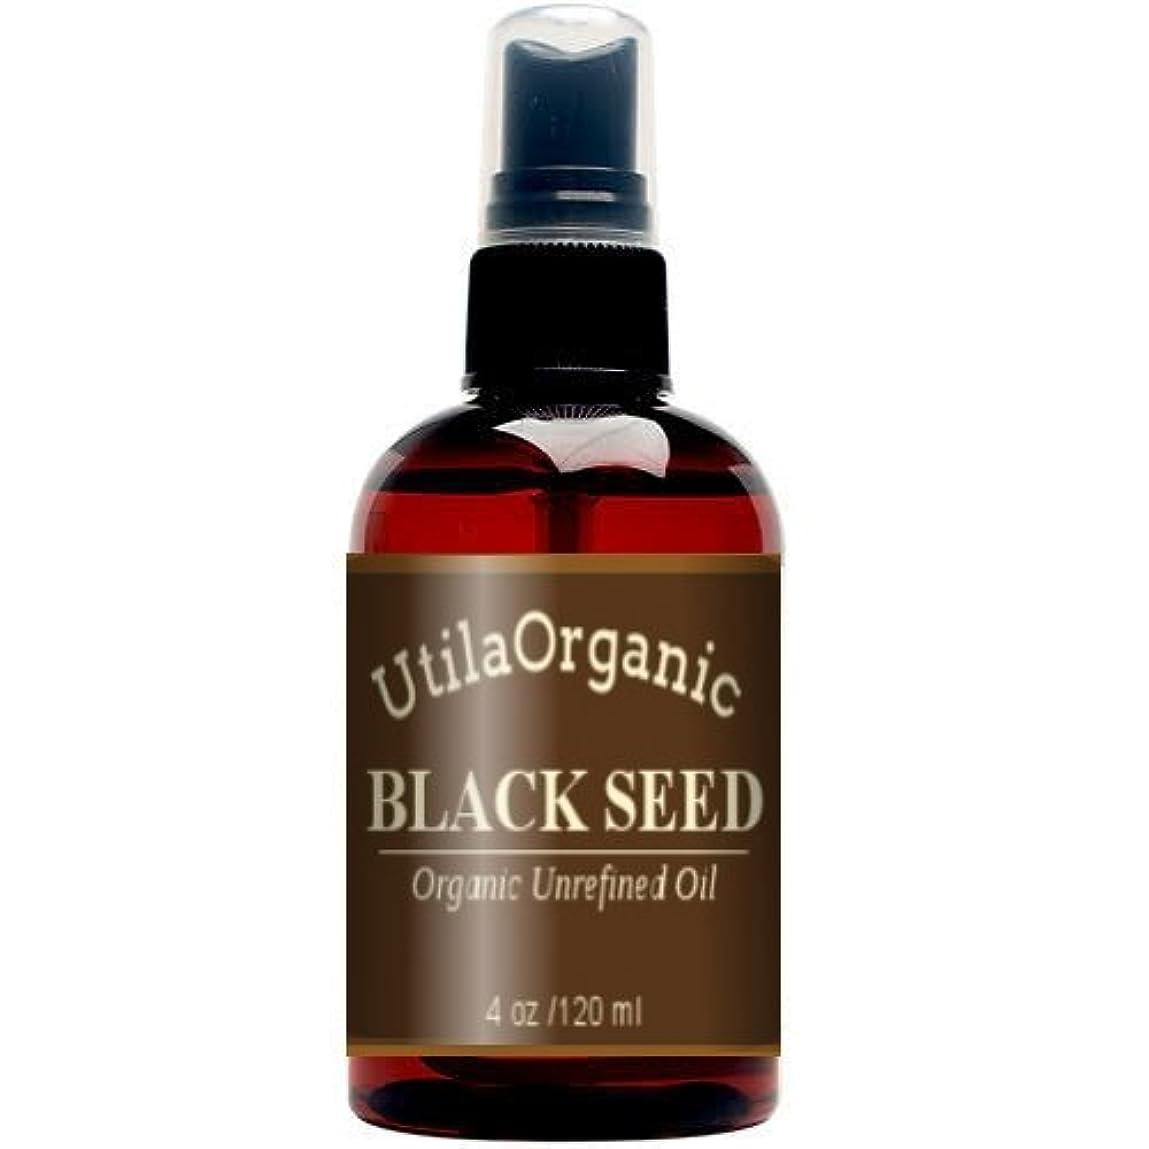 コンプリート修正オーガニック ブラックシード ブラッククミンオイル 120ml Blackseed Oil 100% pure and natural [並行輸入品]